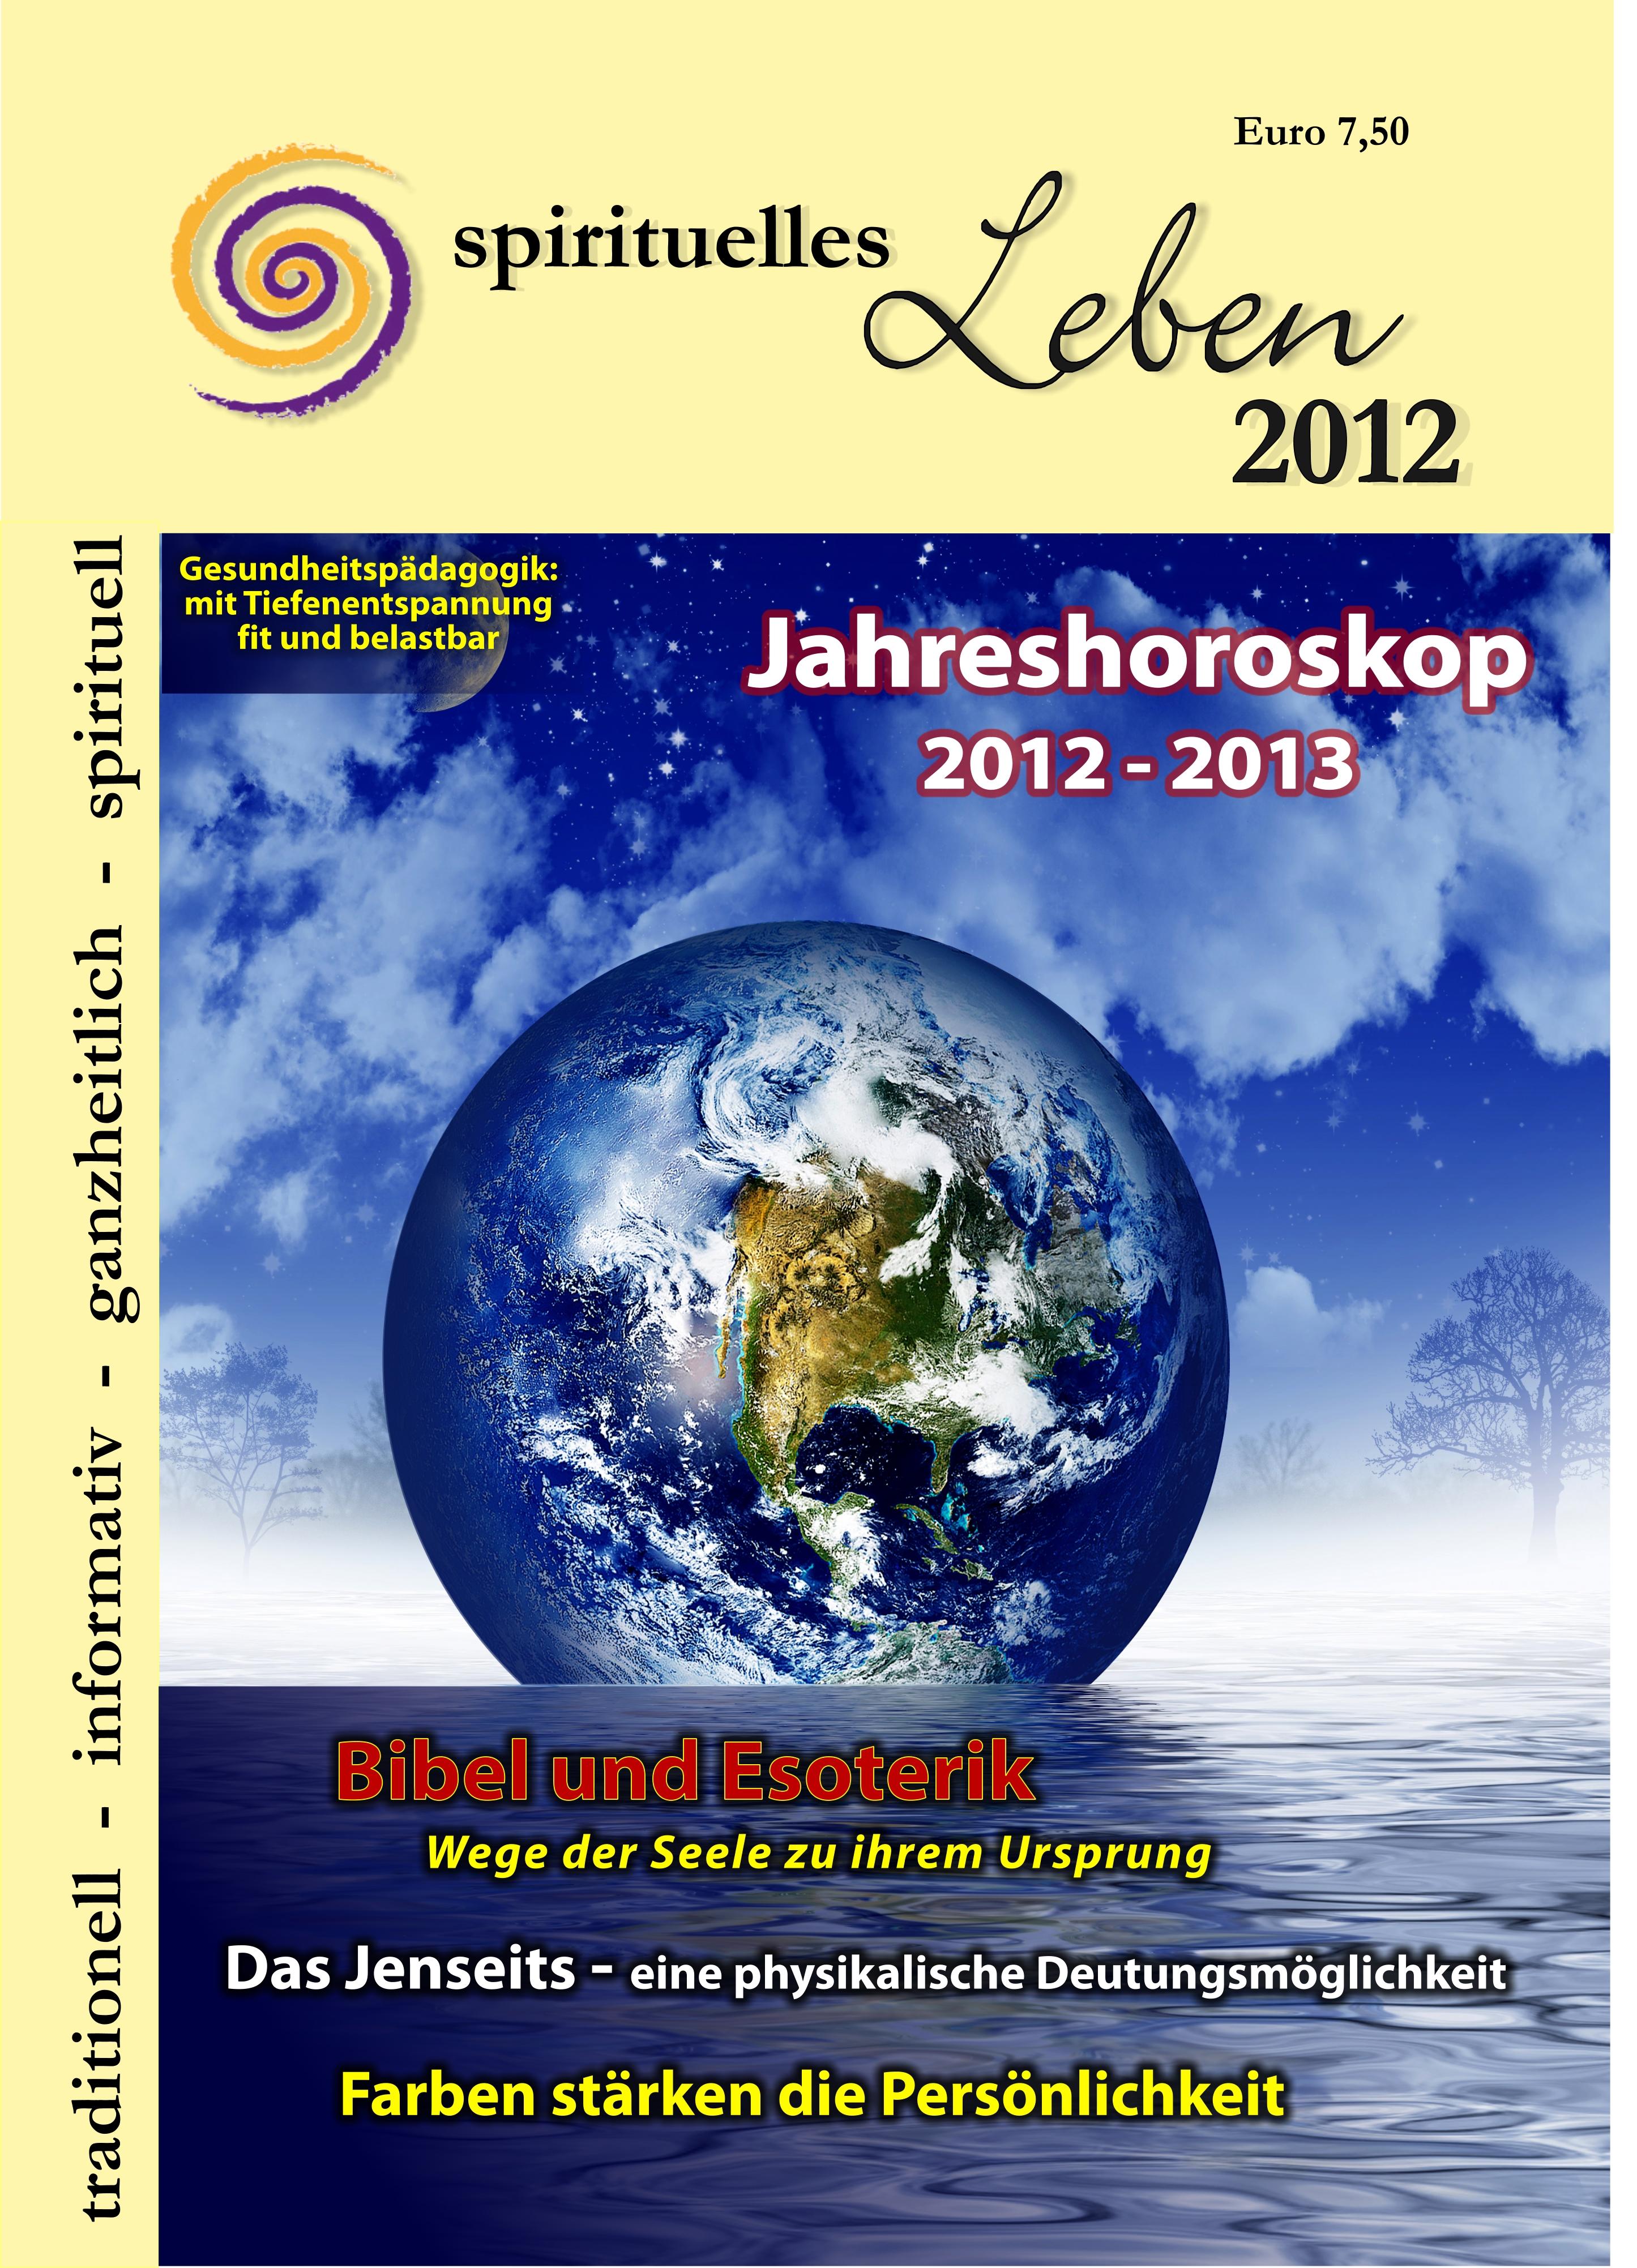 Spirit & Life - das Magazin für modernes Wissen